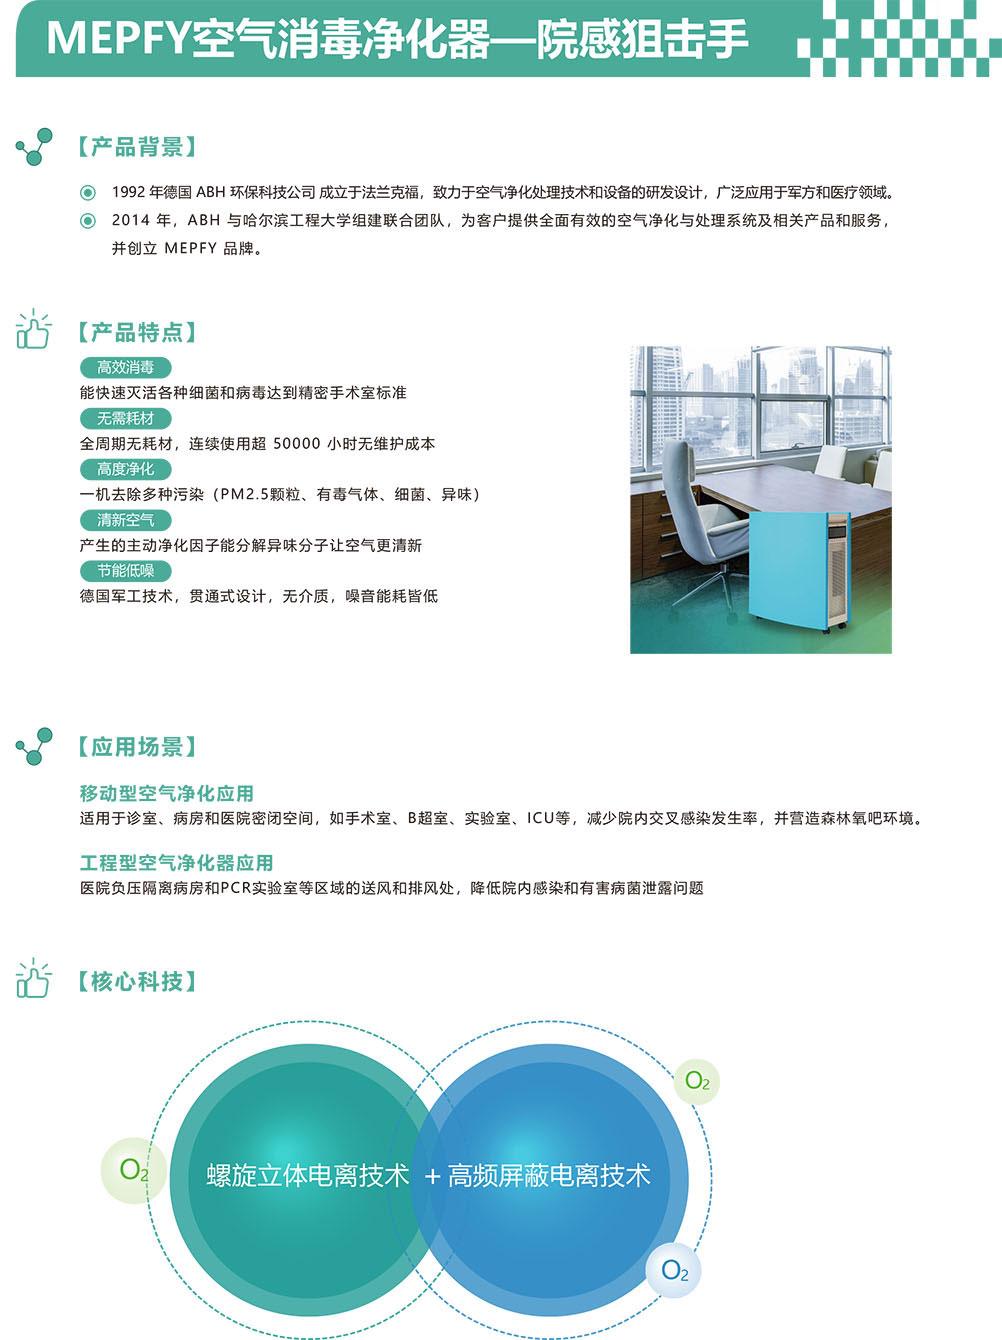 北京华赞金诺医疗器械有限公司